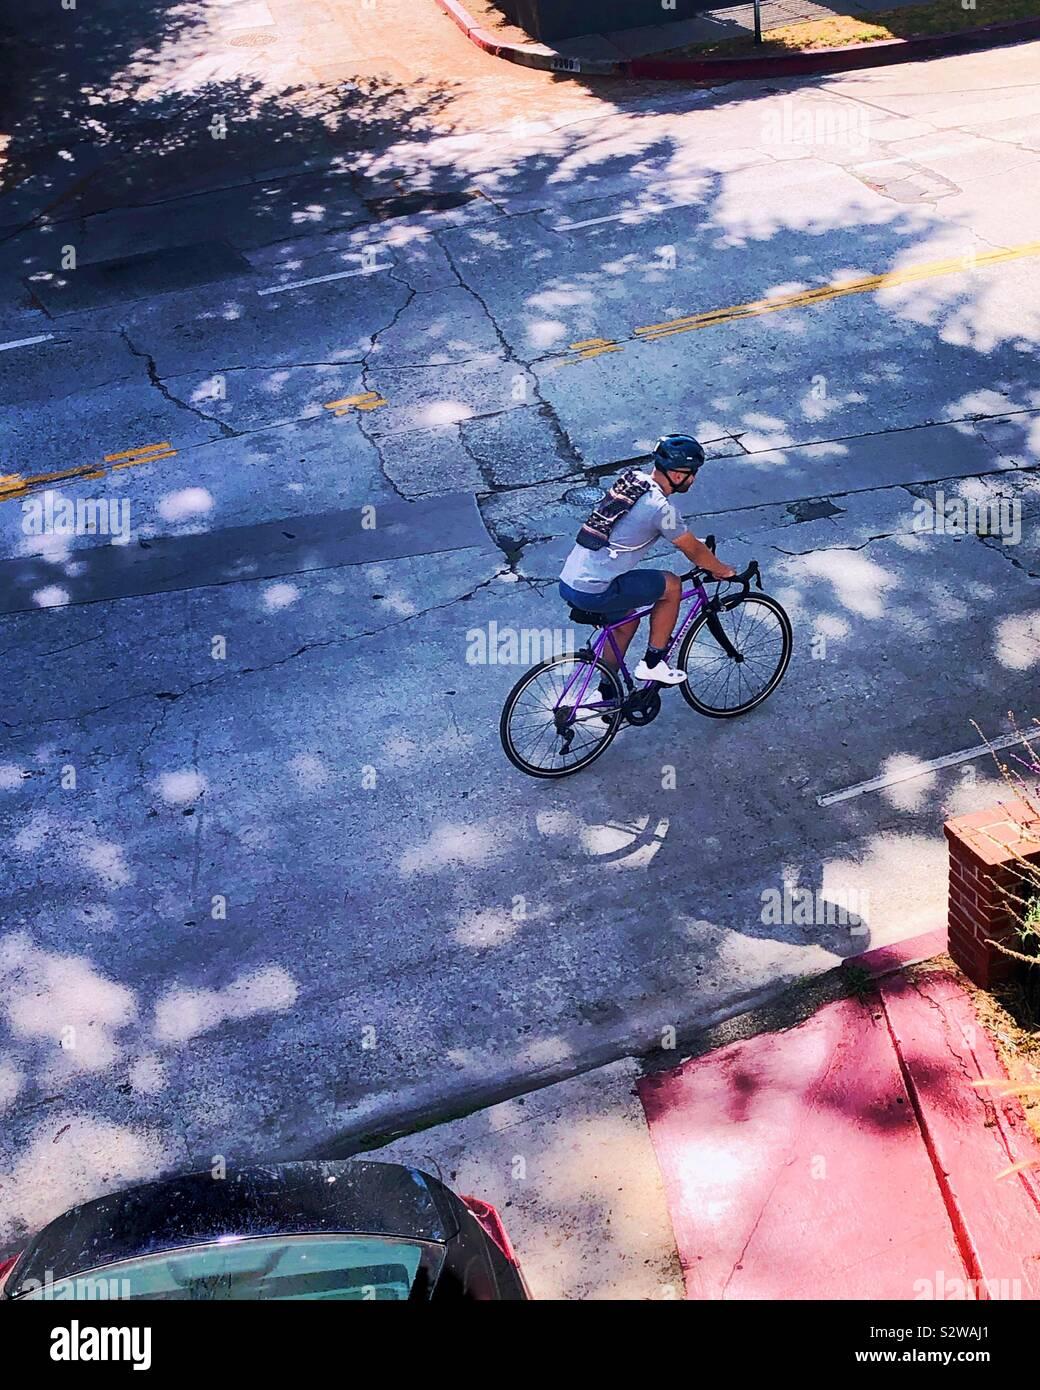 Un cycliste solitaire aspire la forte pente en face de notre terrasse. Banque D'Images